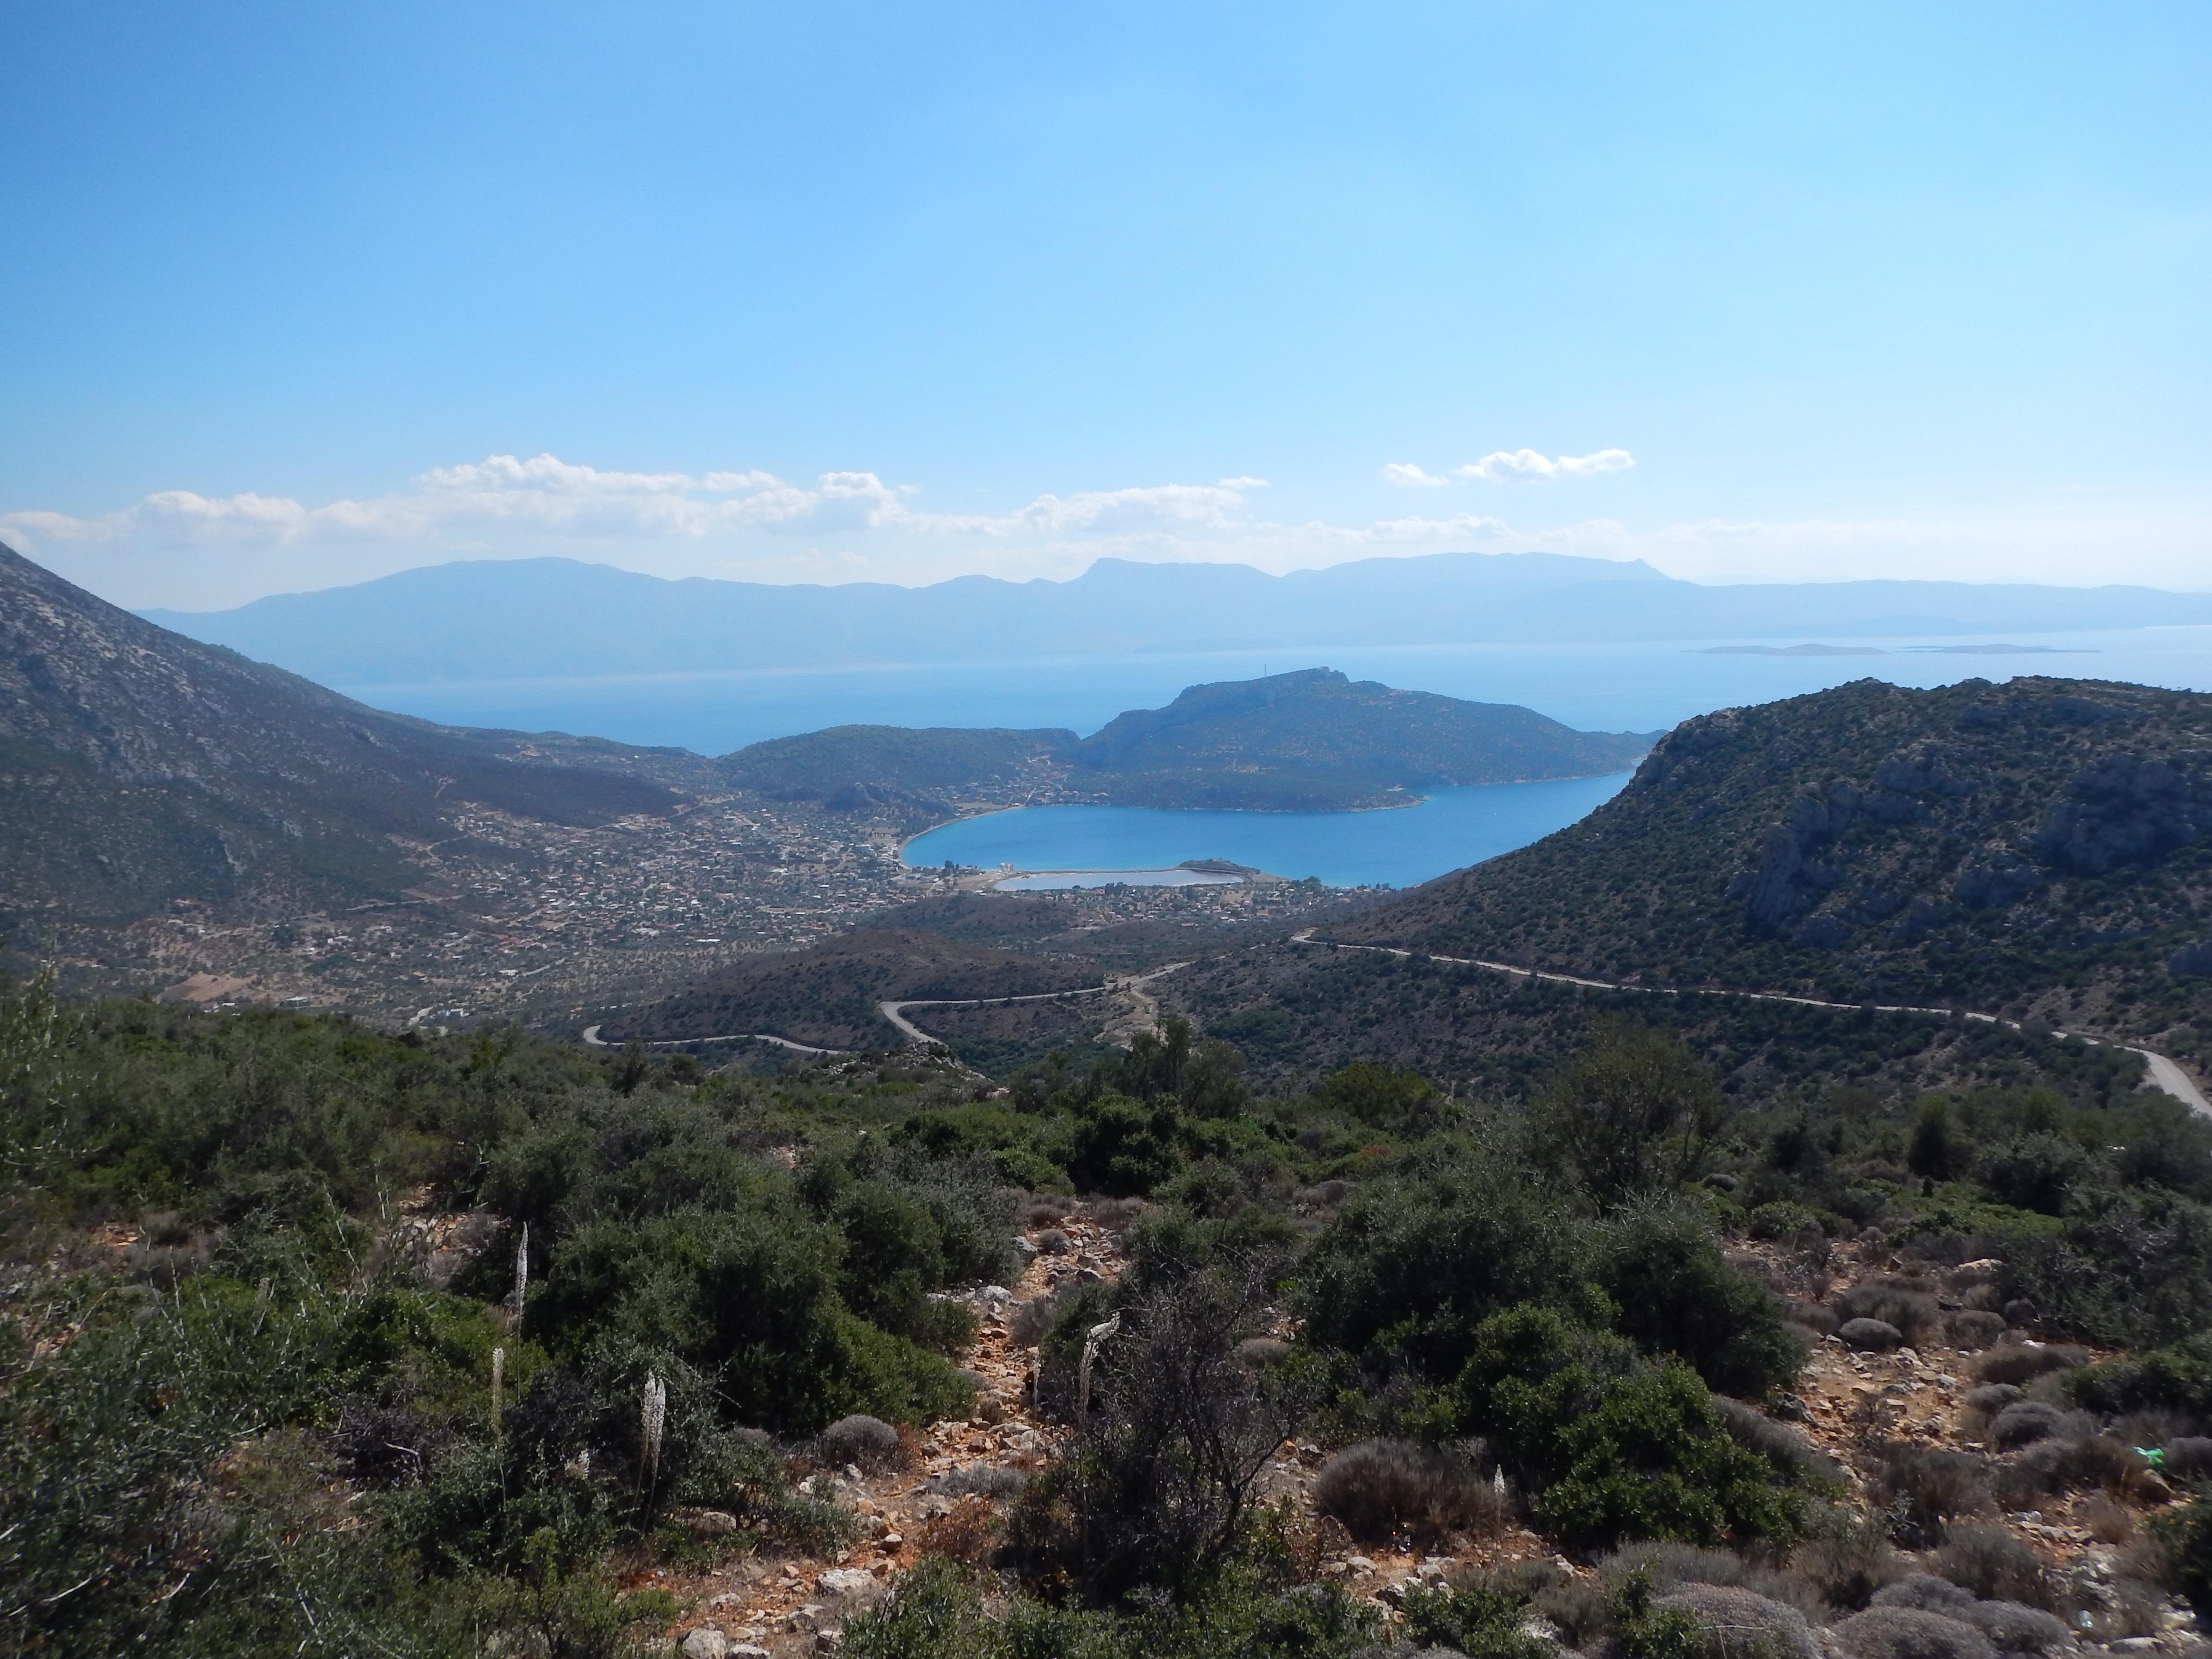 Grèce - Destination Météores par trail rando 161003040530952186